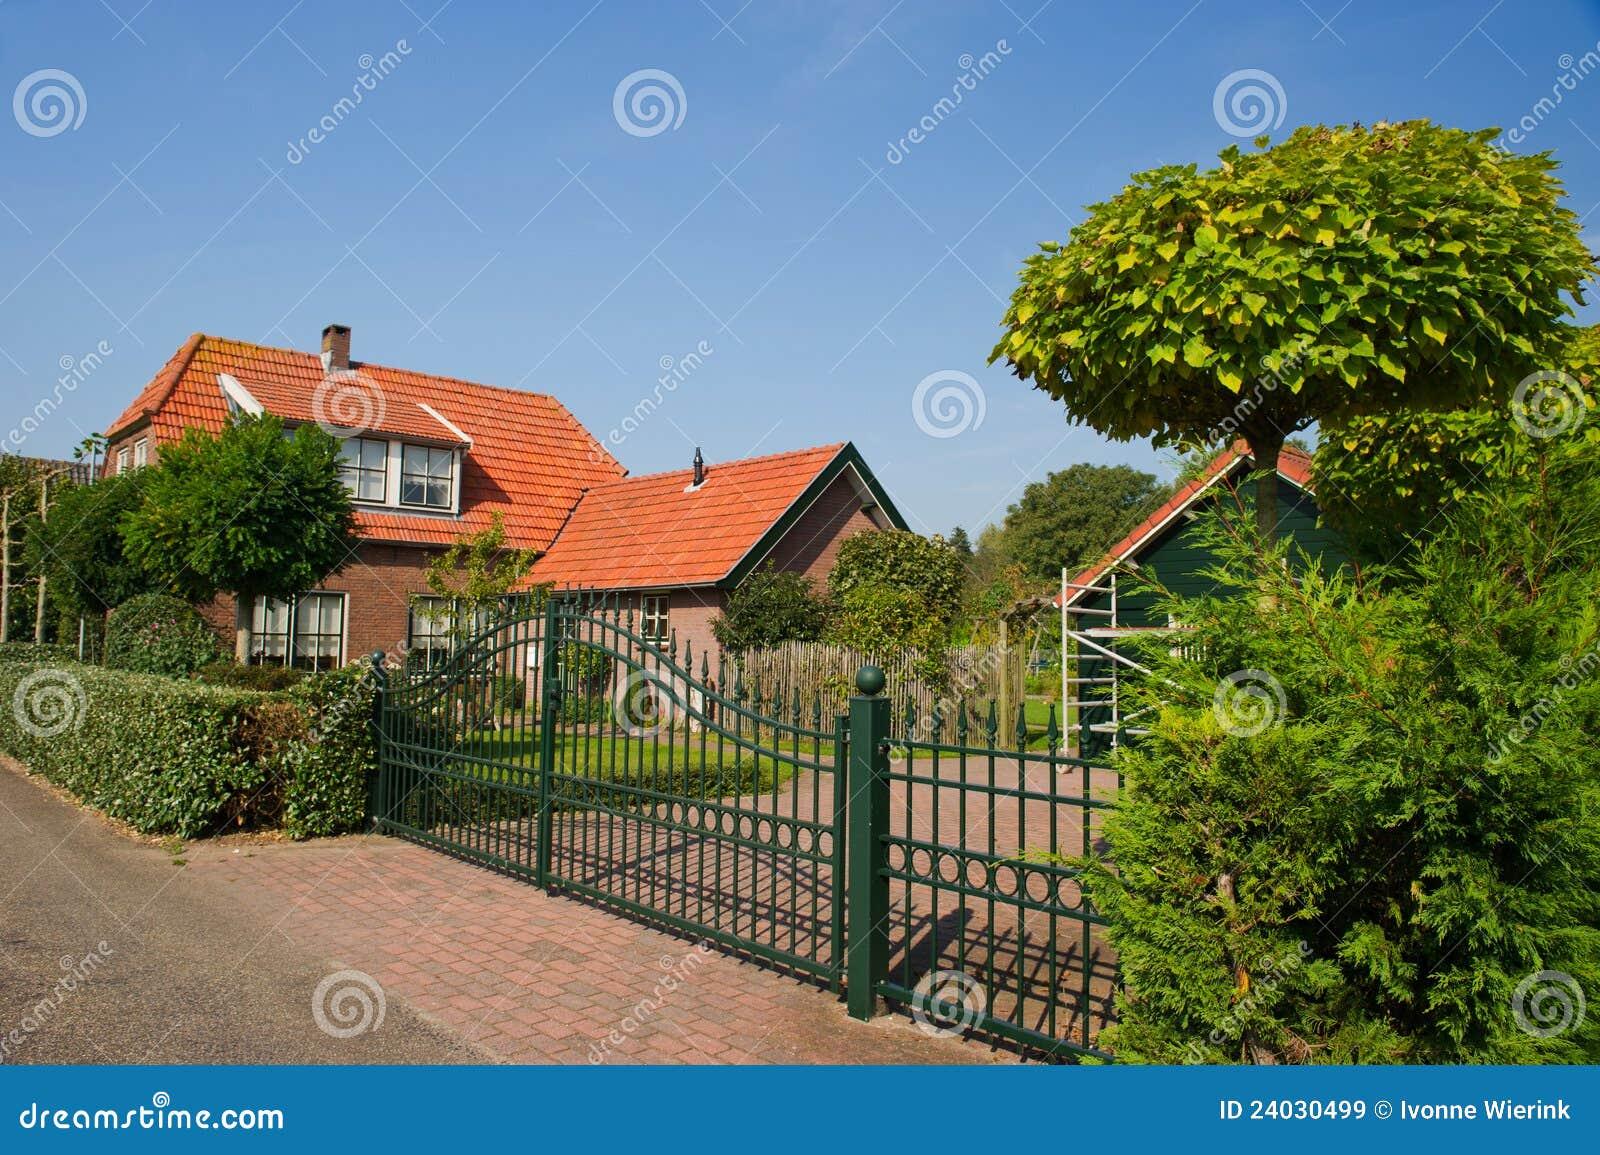 Mooi nederlands huis royalty vrije stock afbeeldingen beeld 24030499 - Mooi huis ...